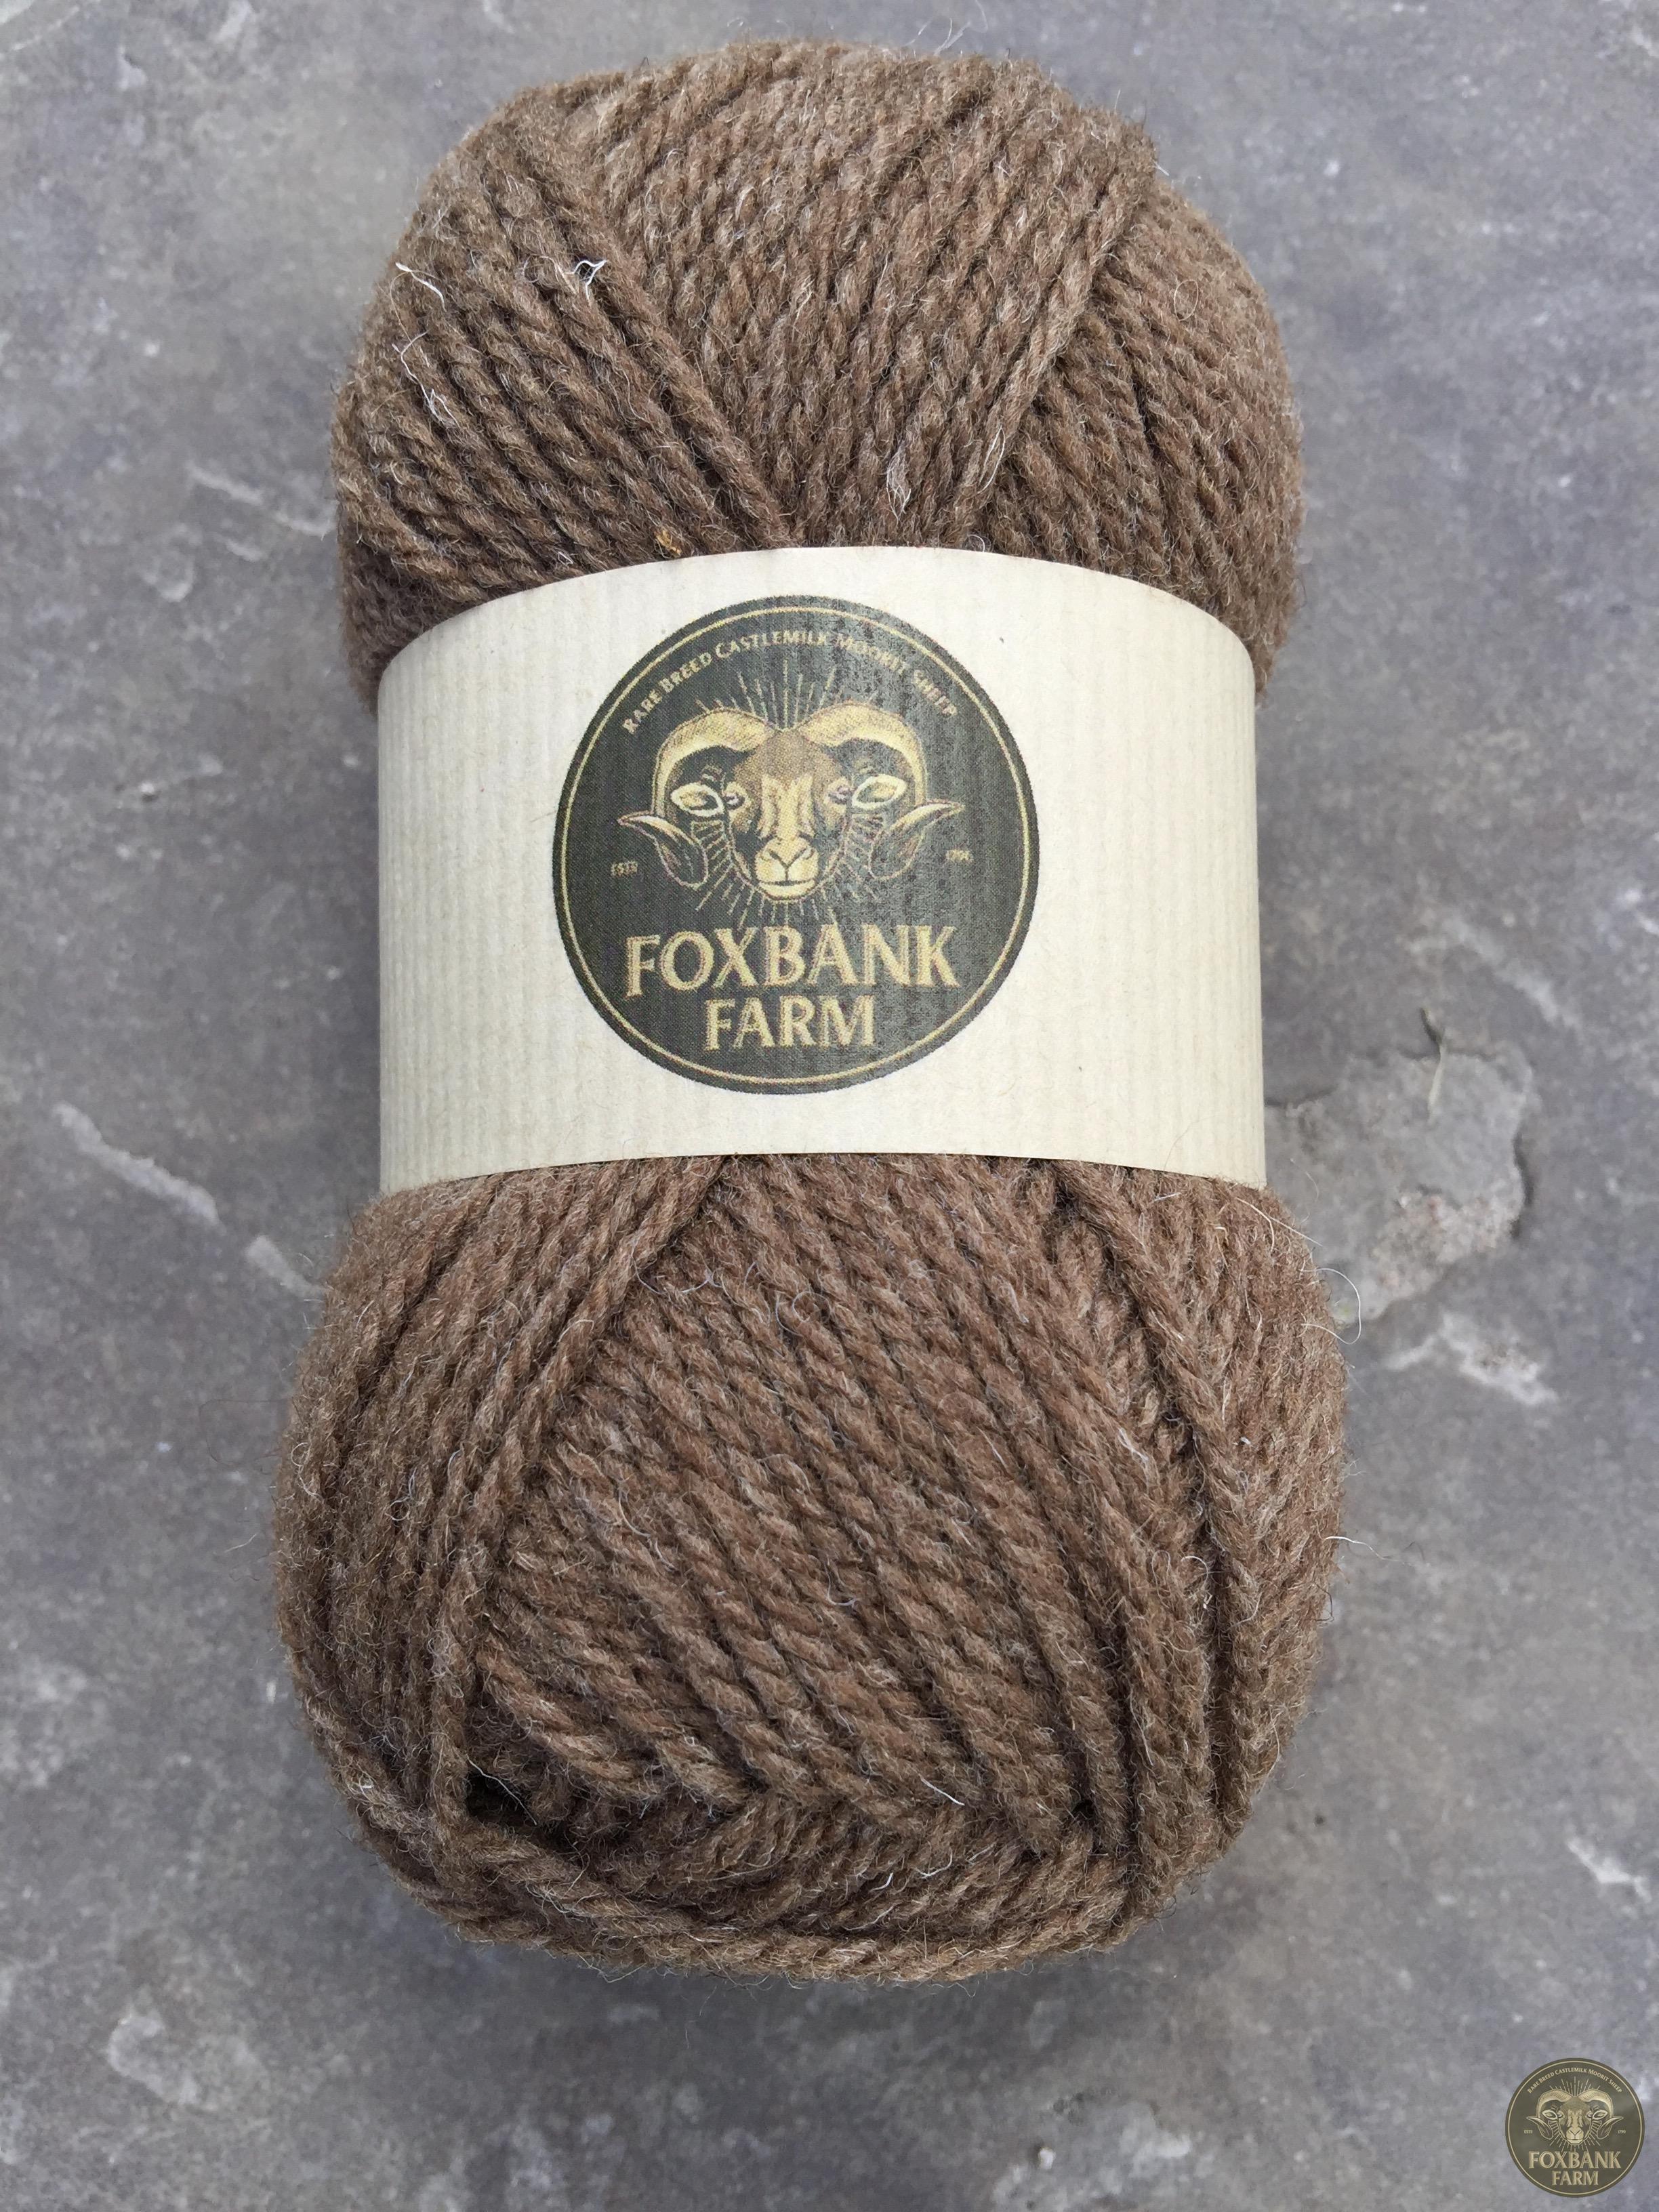 Castlemilk Moorit Woolen Spun Wool. Natural Colour.